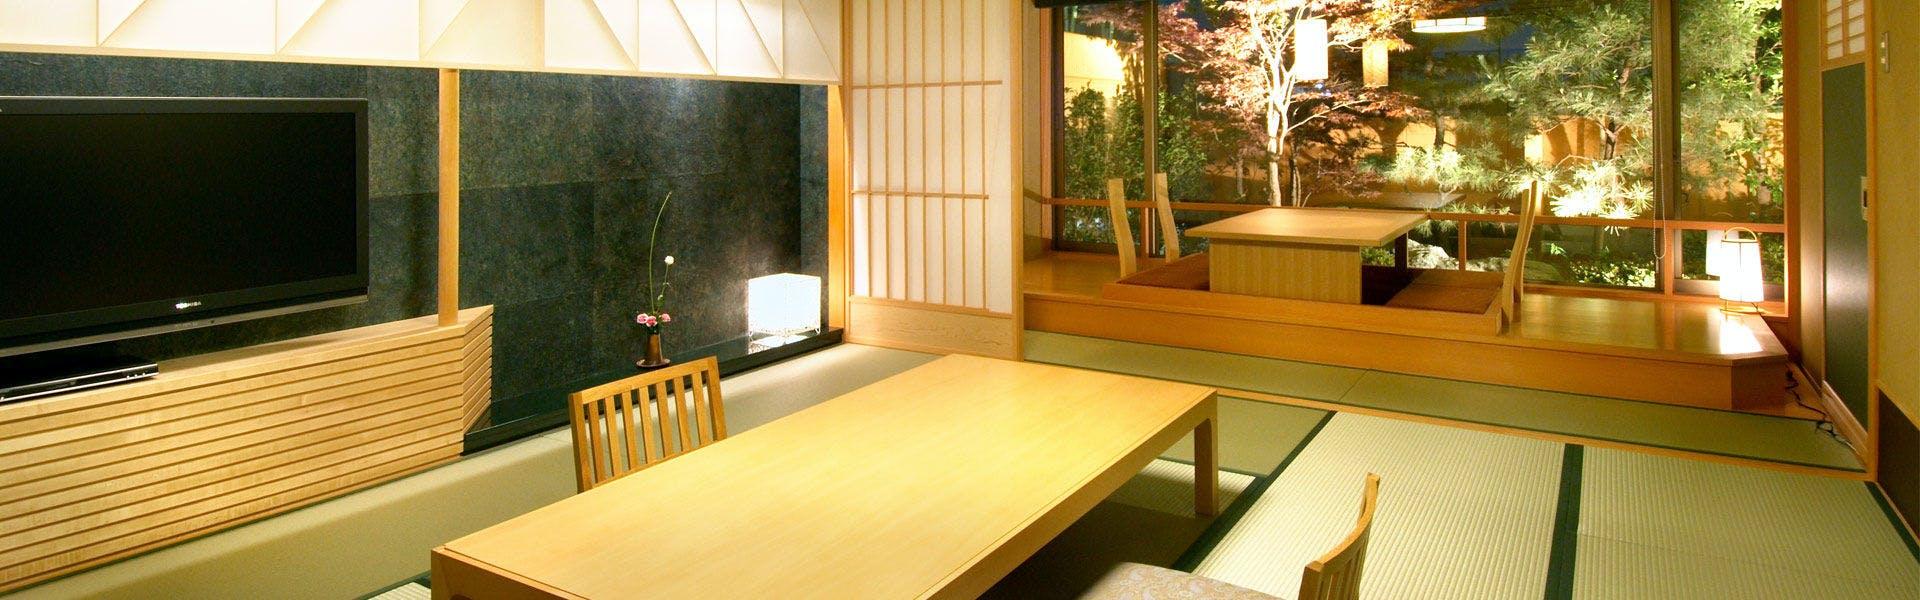 記念日におすすめのホテル・【北陸あわら温泉 美松】 の空室状況を確認するの写真2